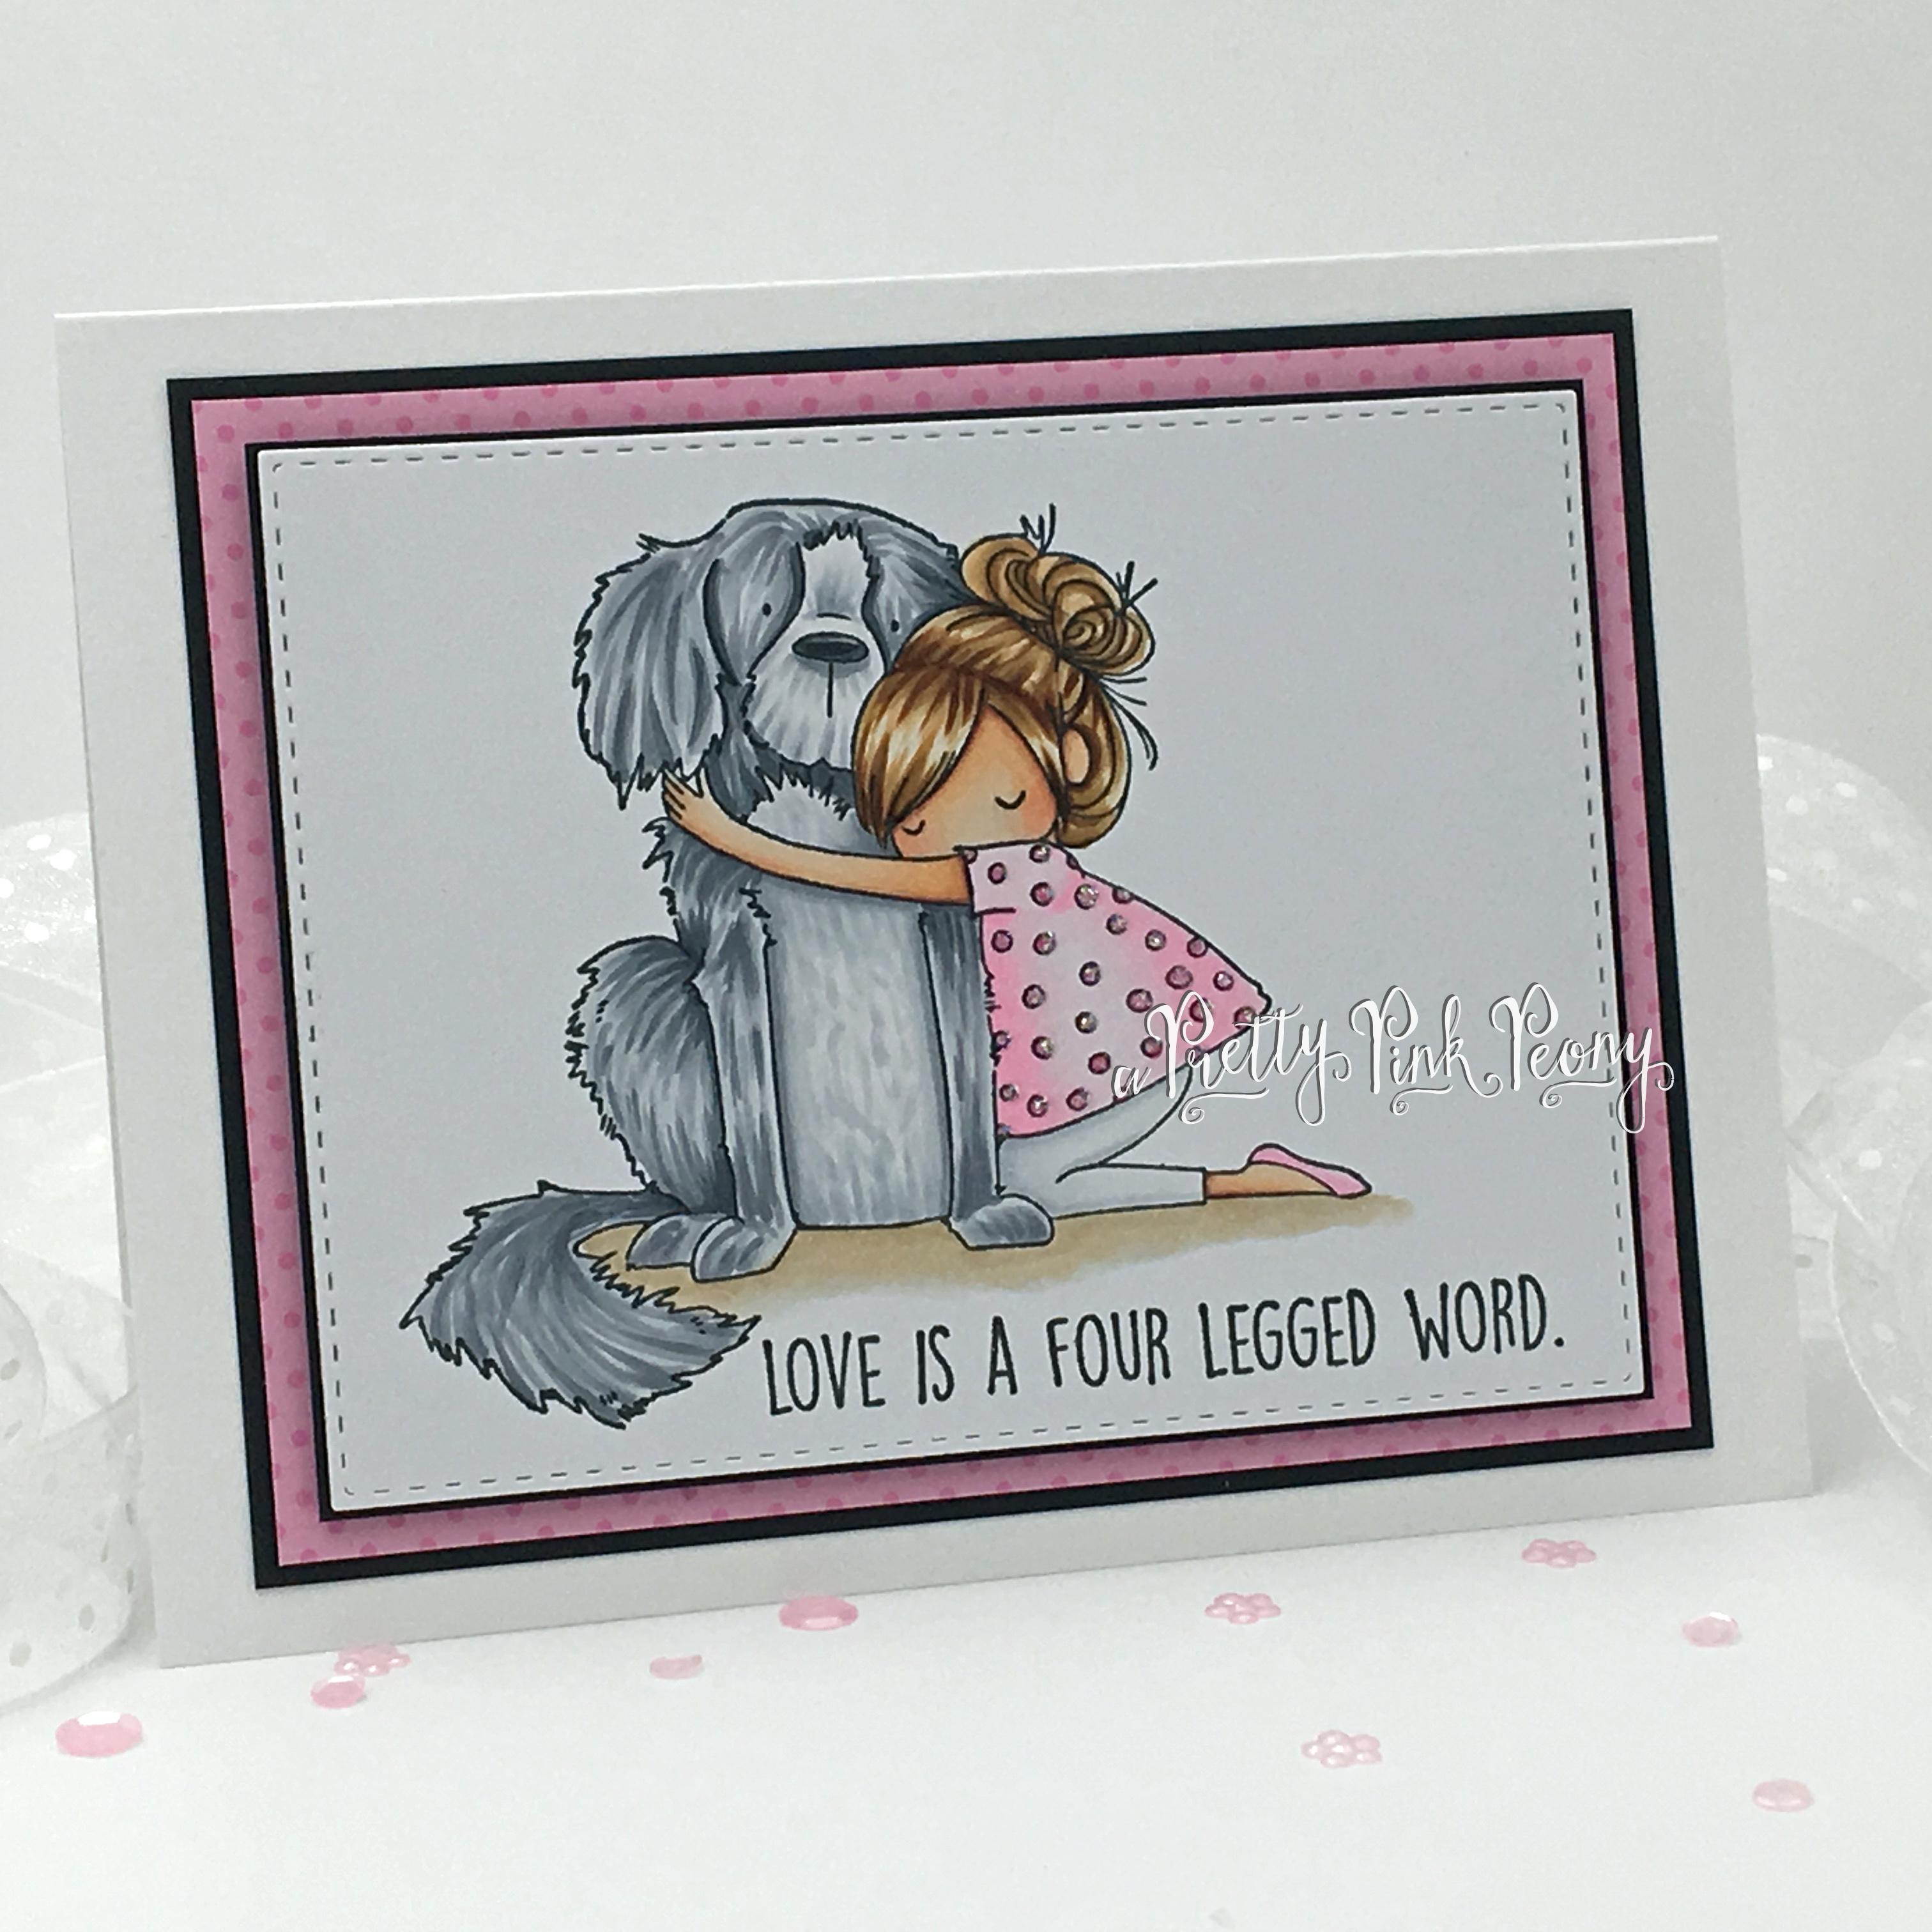 Love is a Four Legged Word1